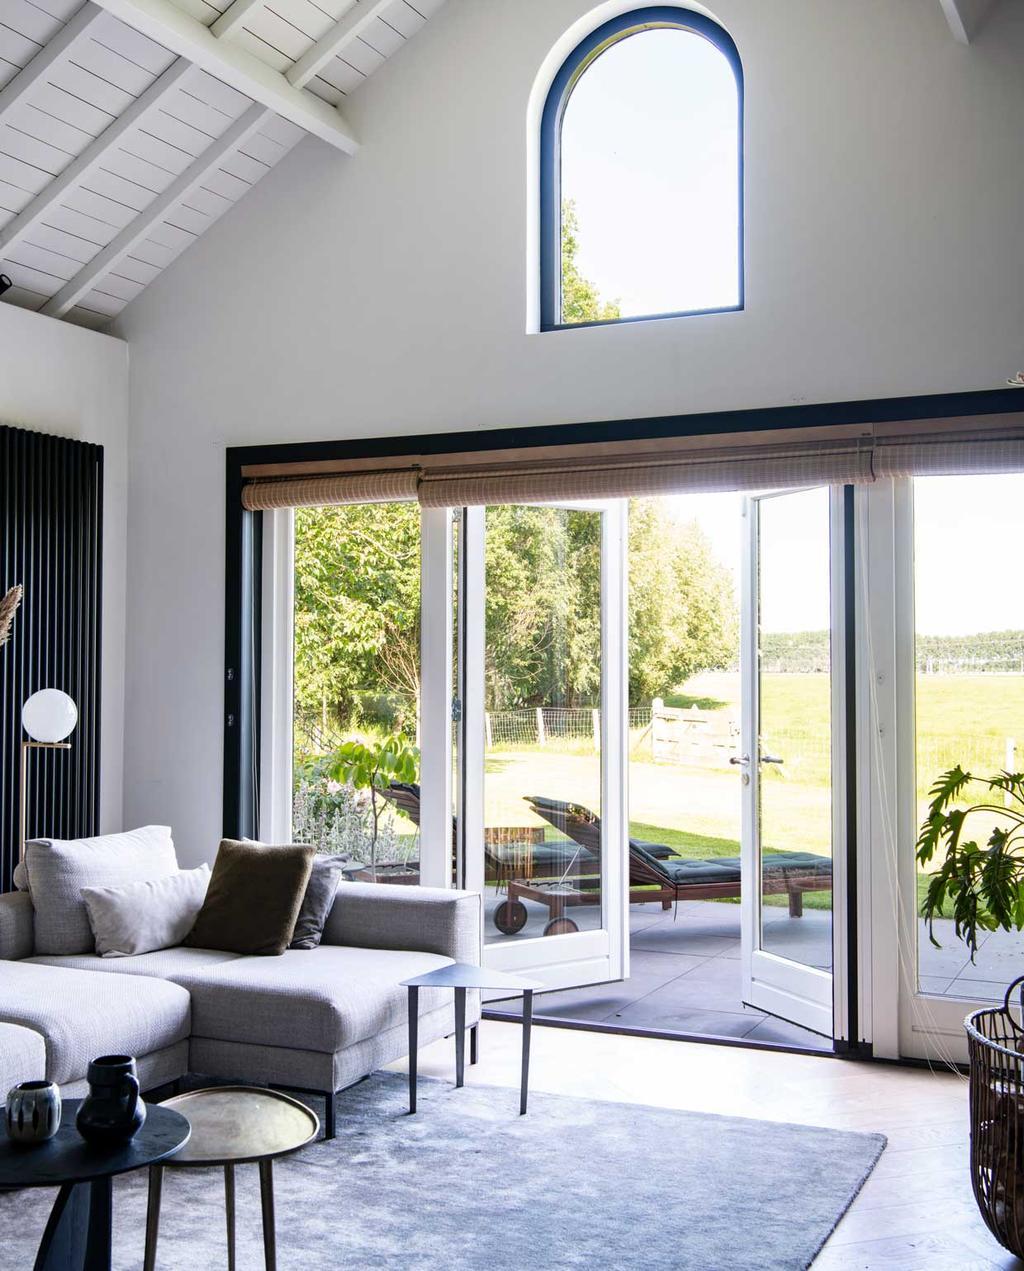 vtwonen binnenkijkspecial 2020 | binnenkijken in een woonboerderij in braambrugge | zithoek met deur naar de tuin